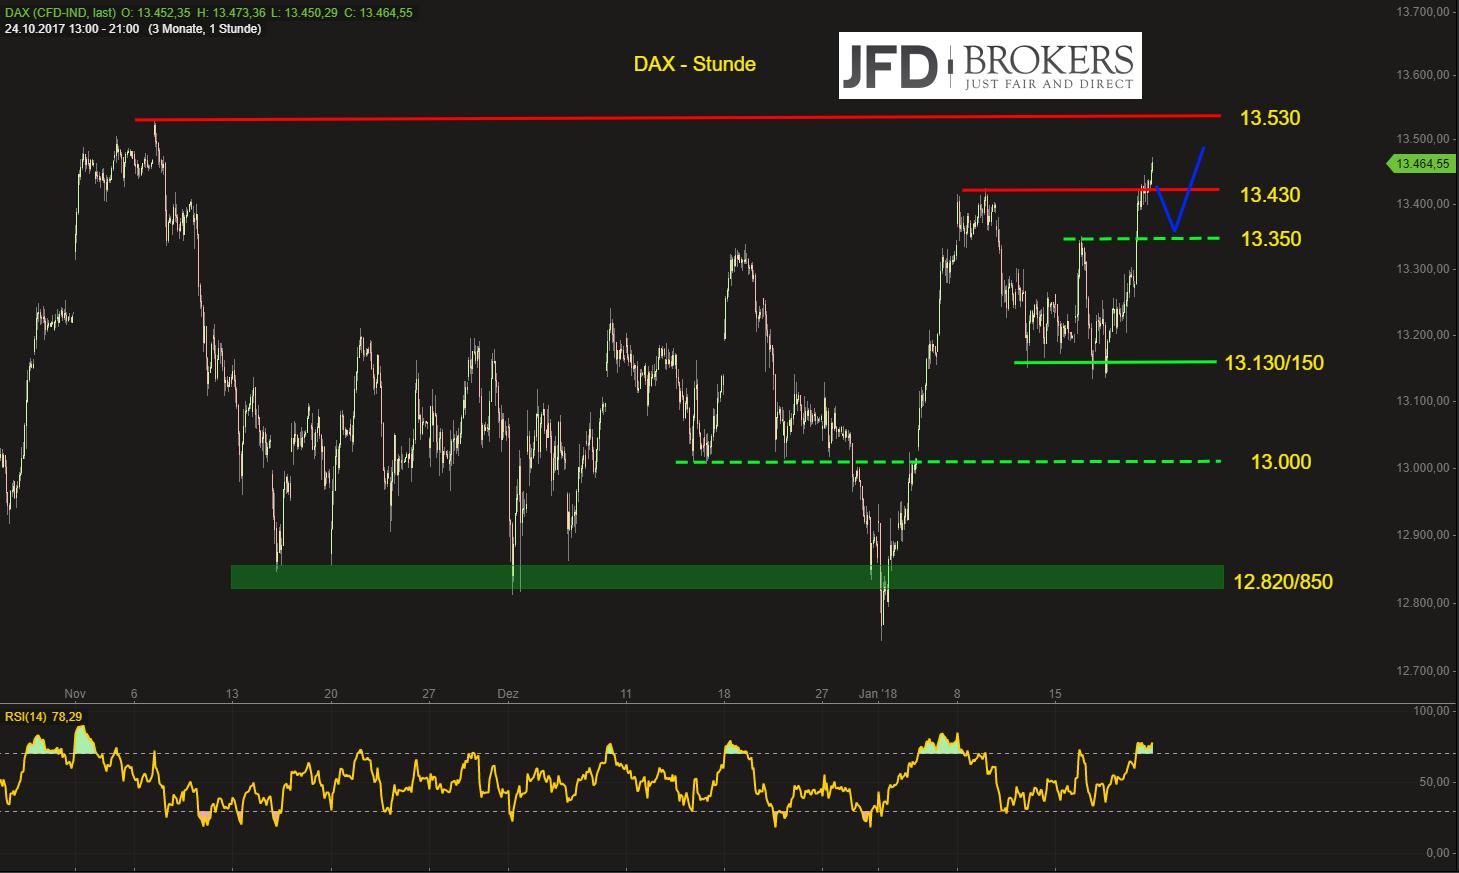 DAX-auf-dem-Weg-zu-neuen-Allzeithochs-JFD-Brokers-GodmodeTrader.de-2